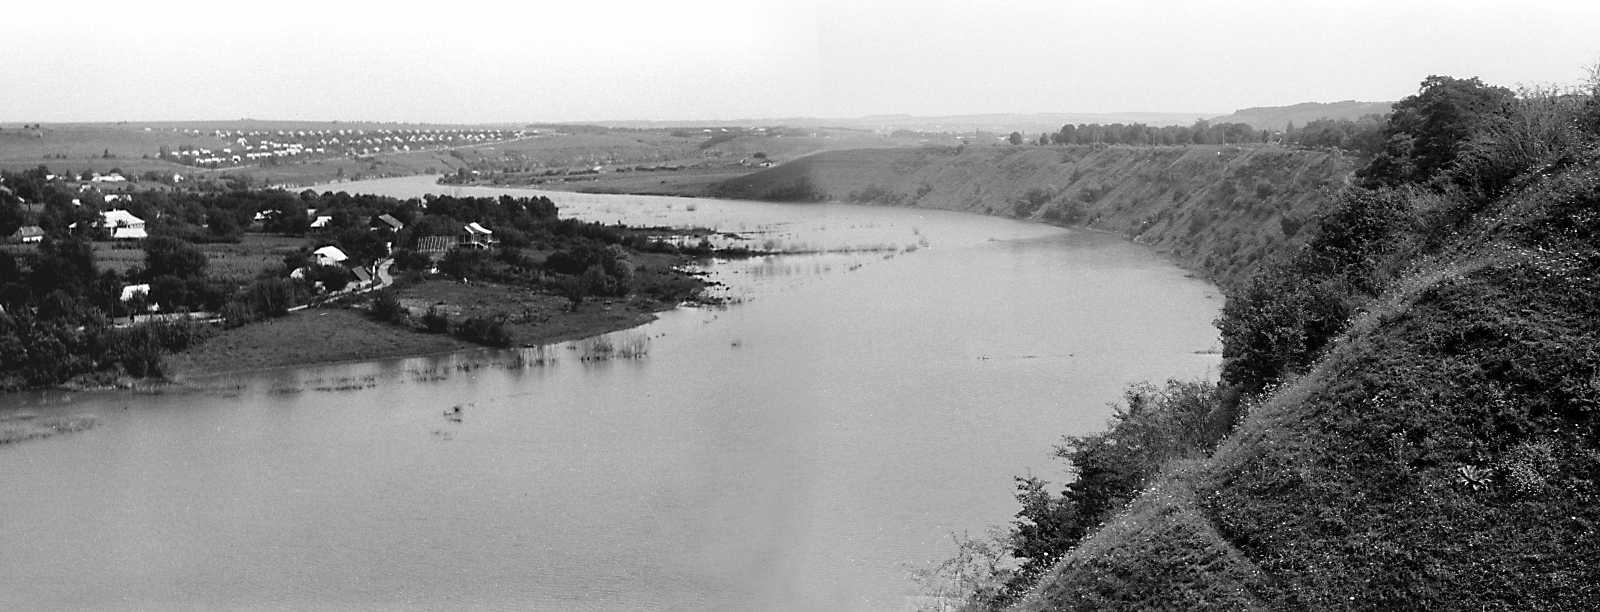 1989 р. Вид на Збруч від фортеці.…